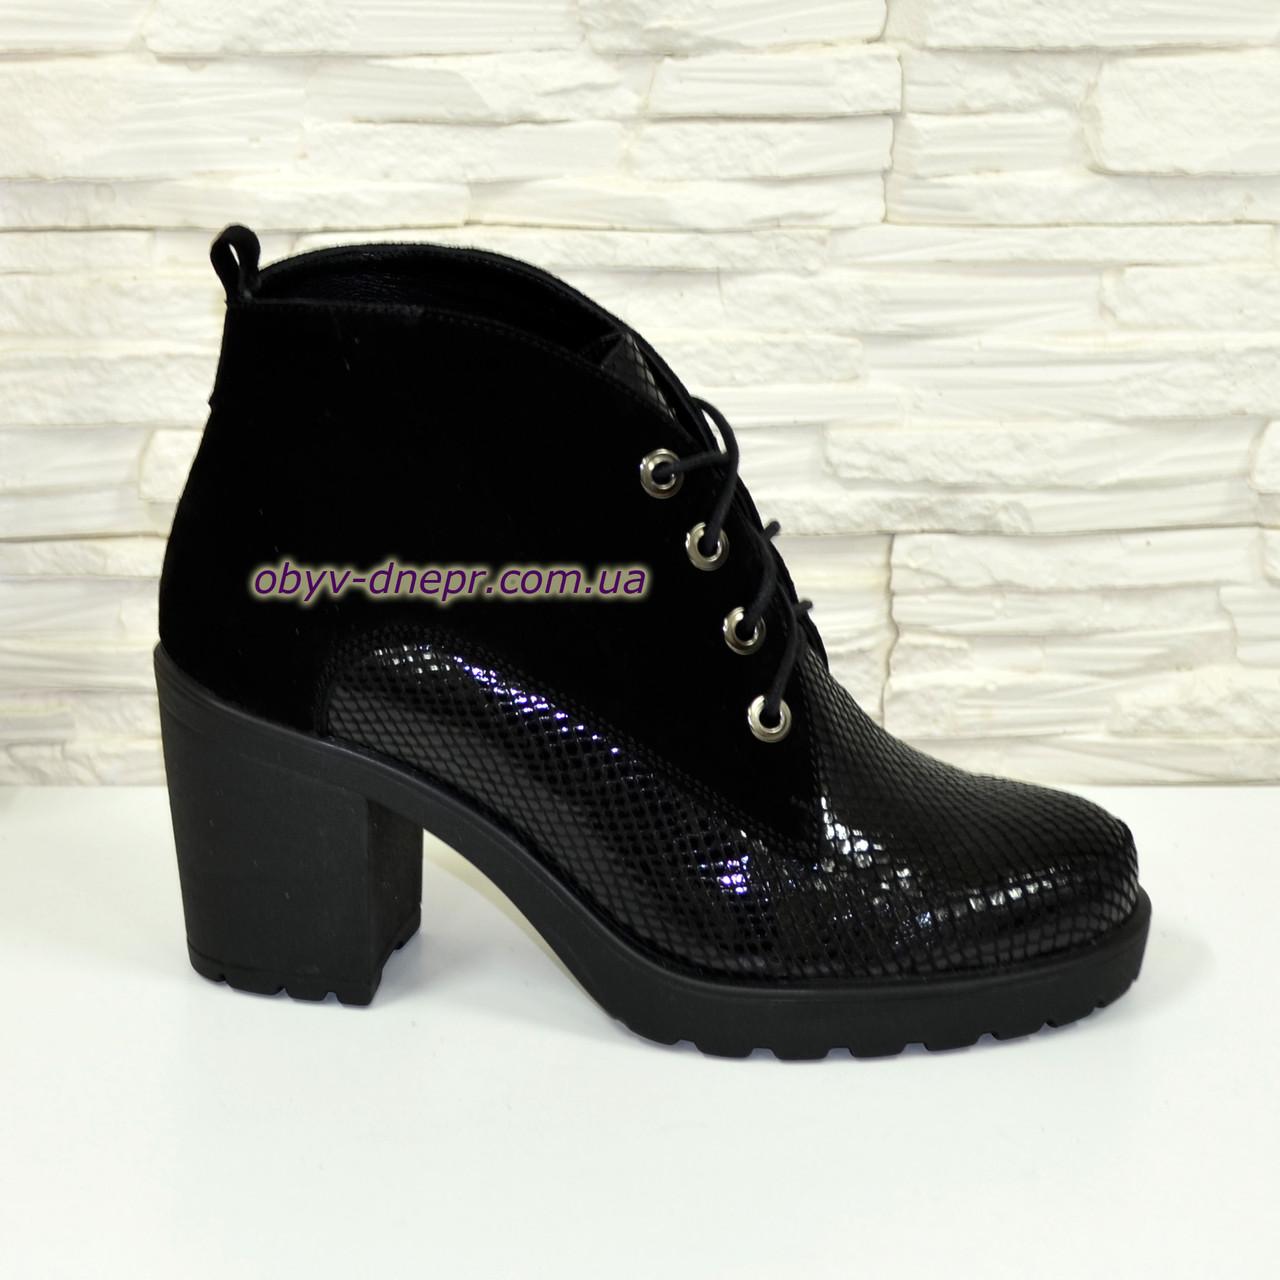 Стильные женские замшевые ботинки на устойчивом каблуке